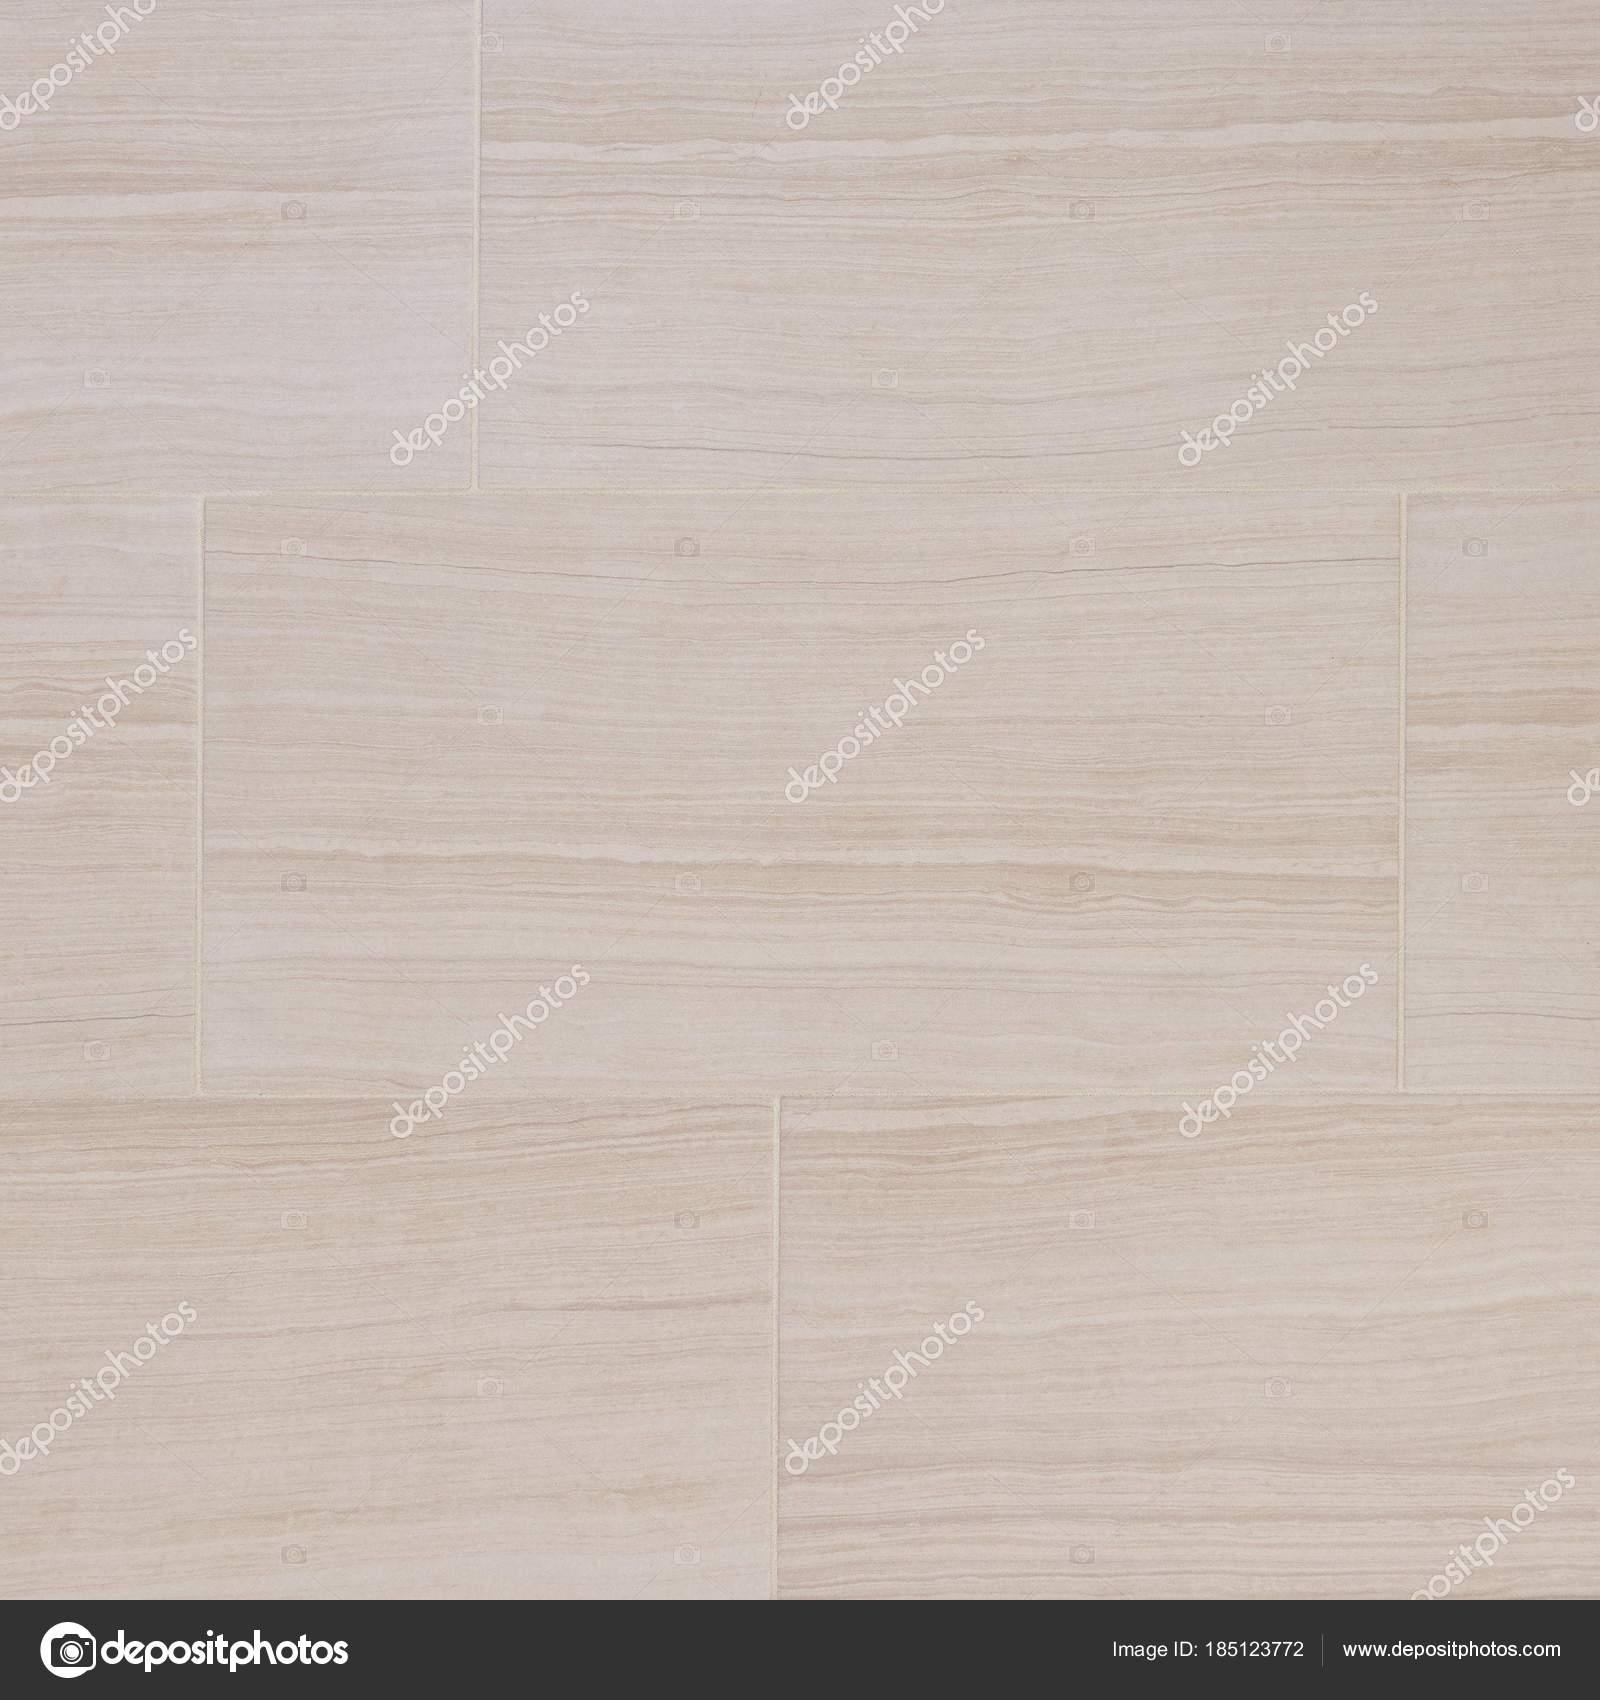 White Porcelain Tile Texture Stock Photo